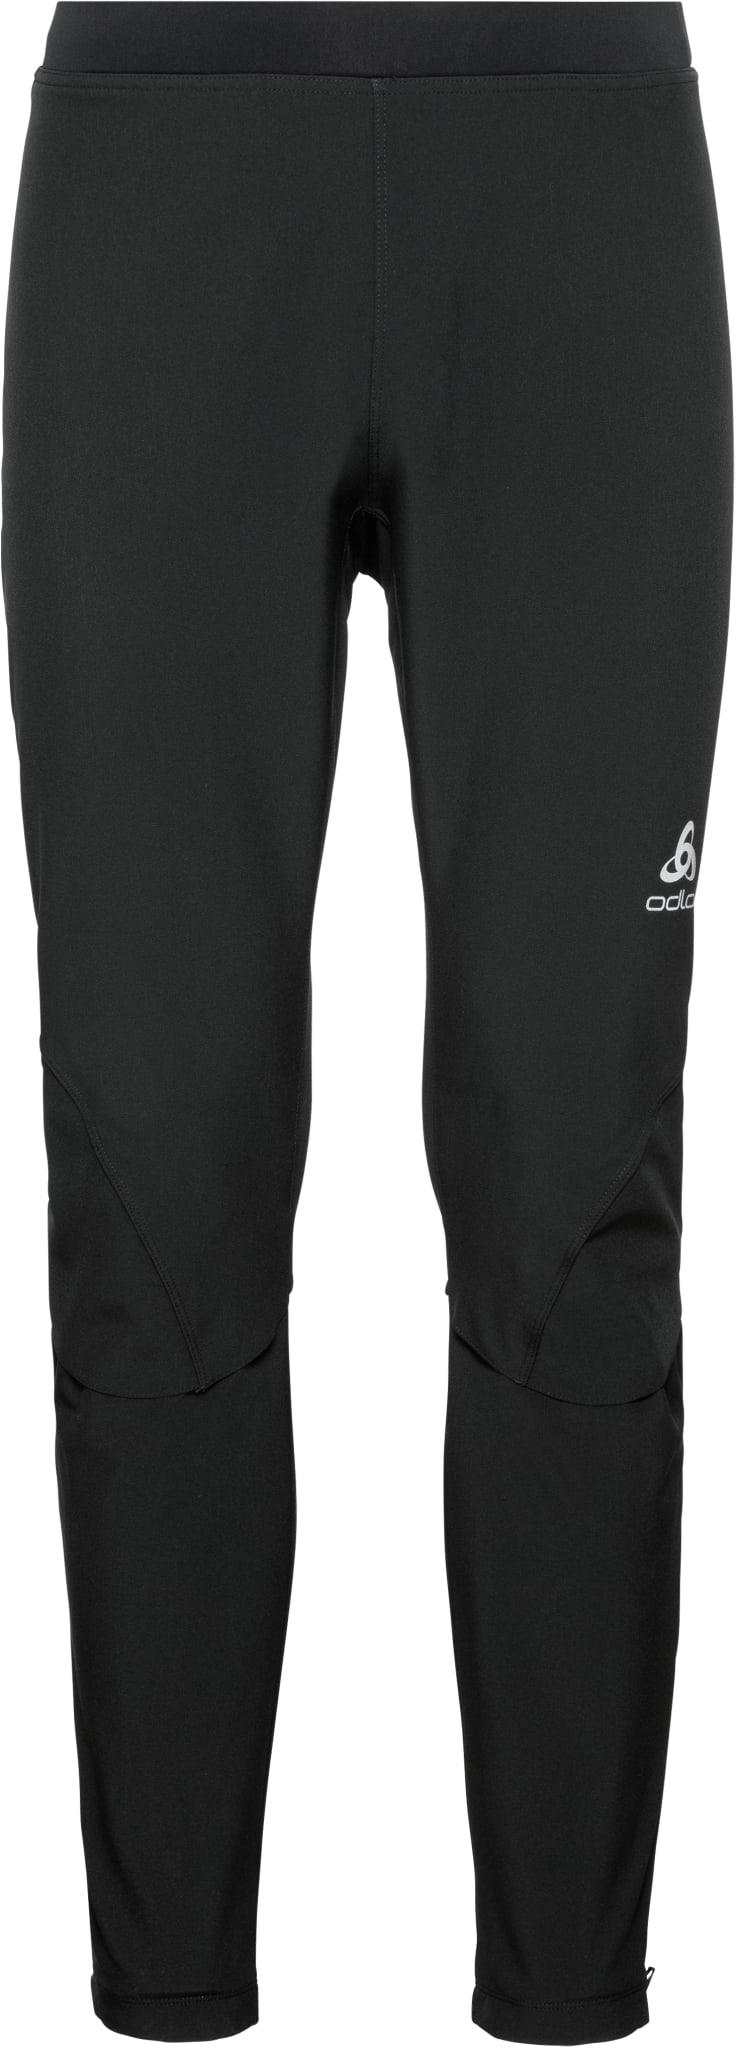 Aeolus Pants M